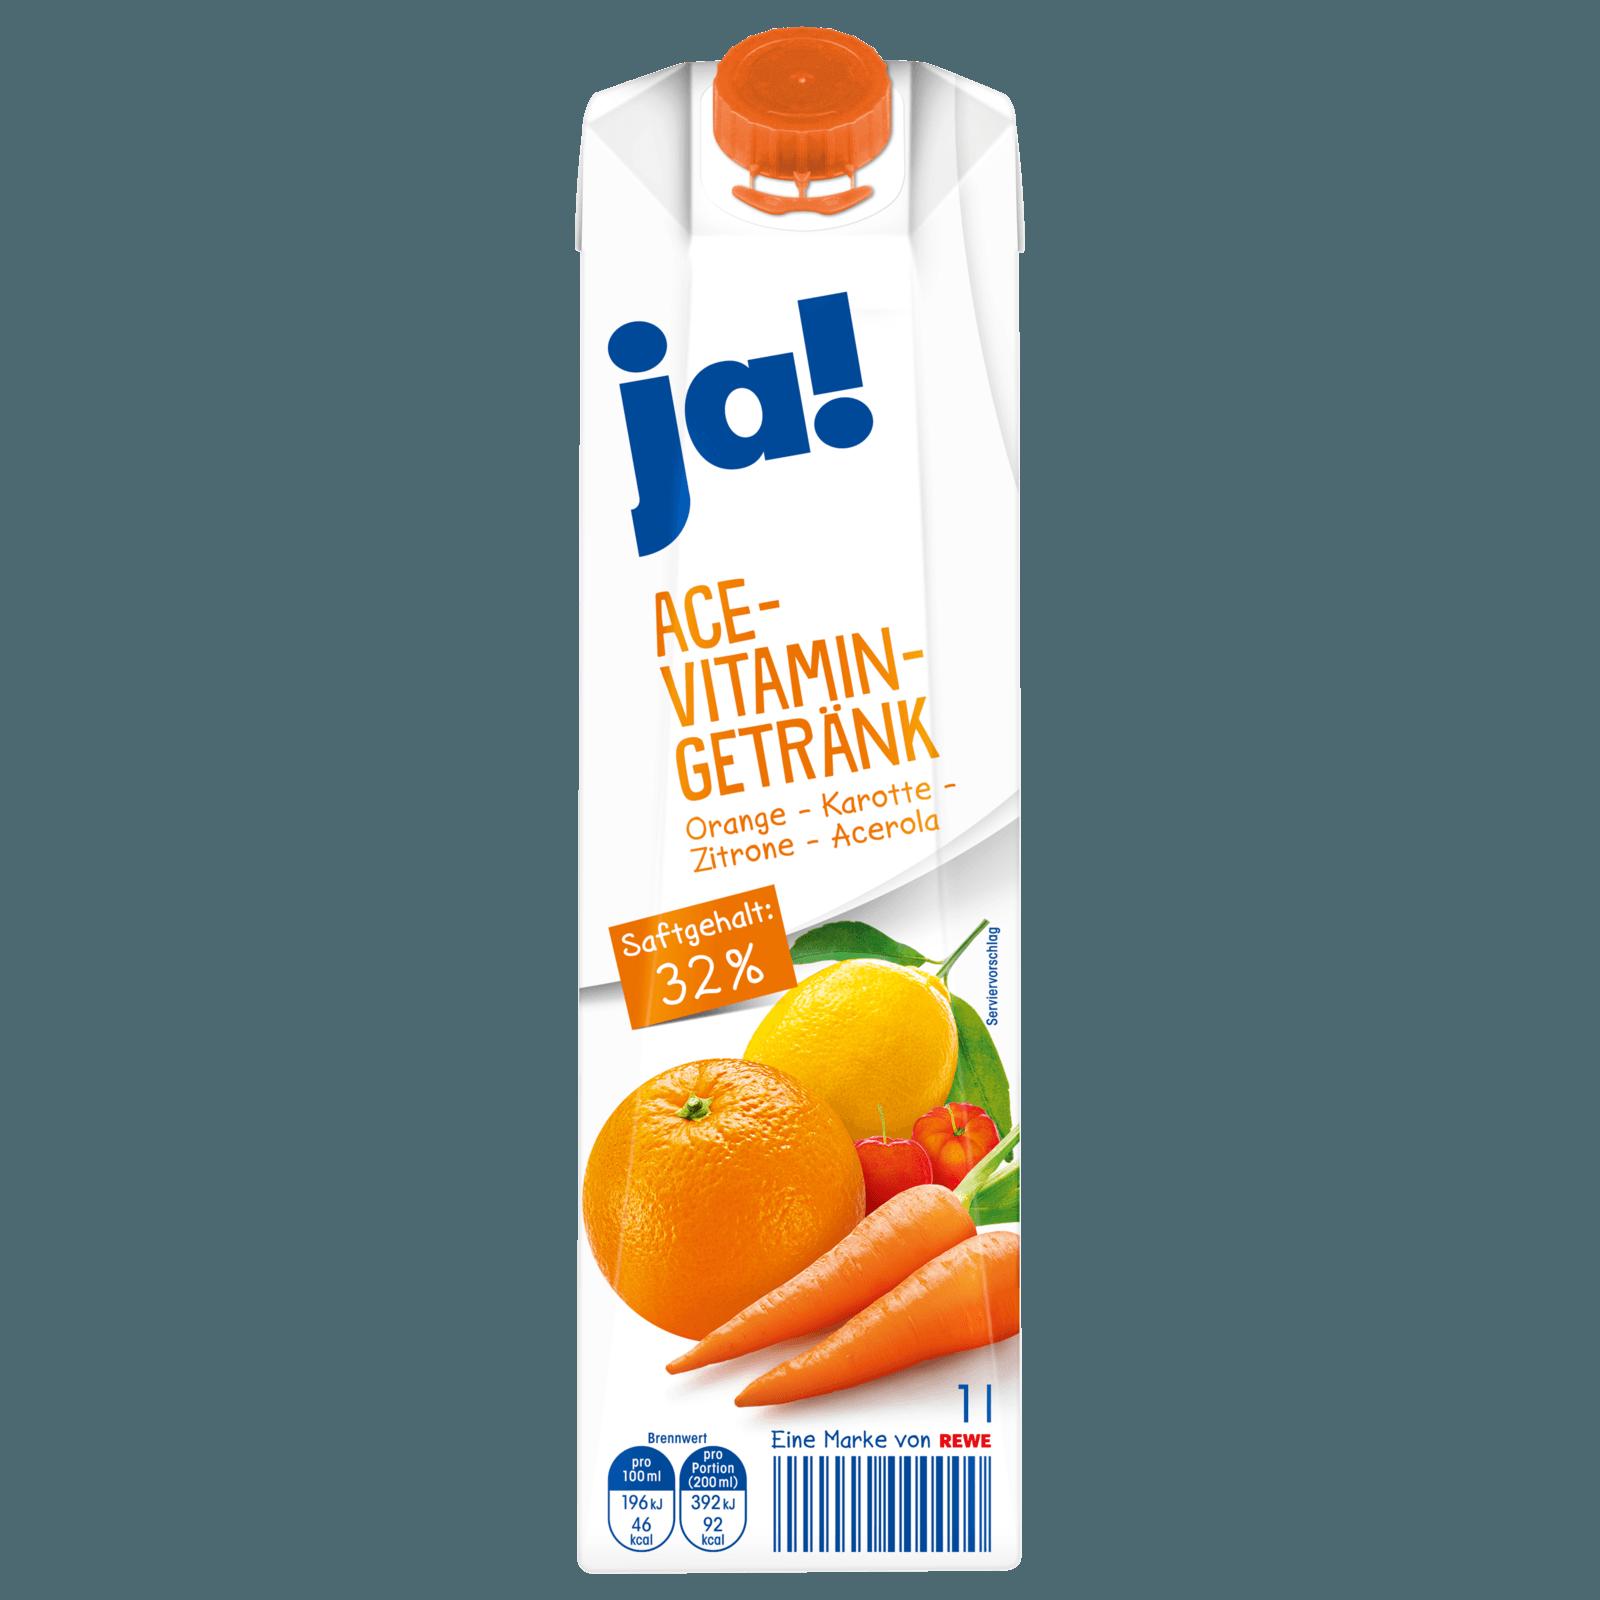 ja! ACE-Vitamin-Getränk 1l bei REWE online bestellen!